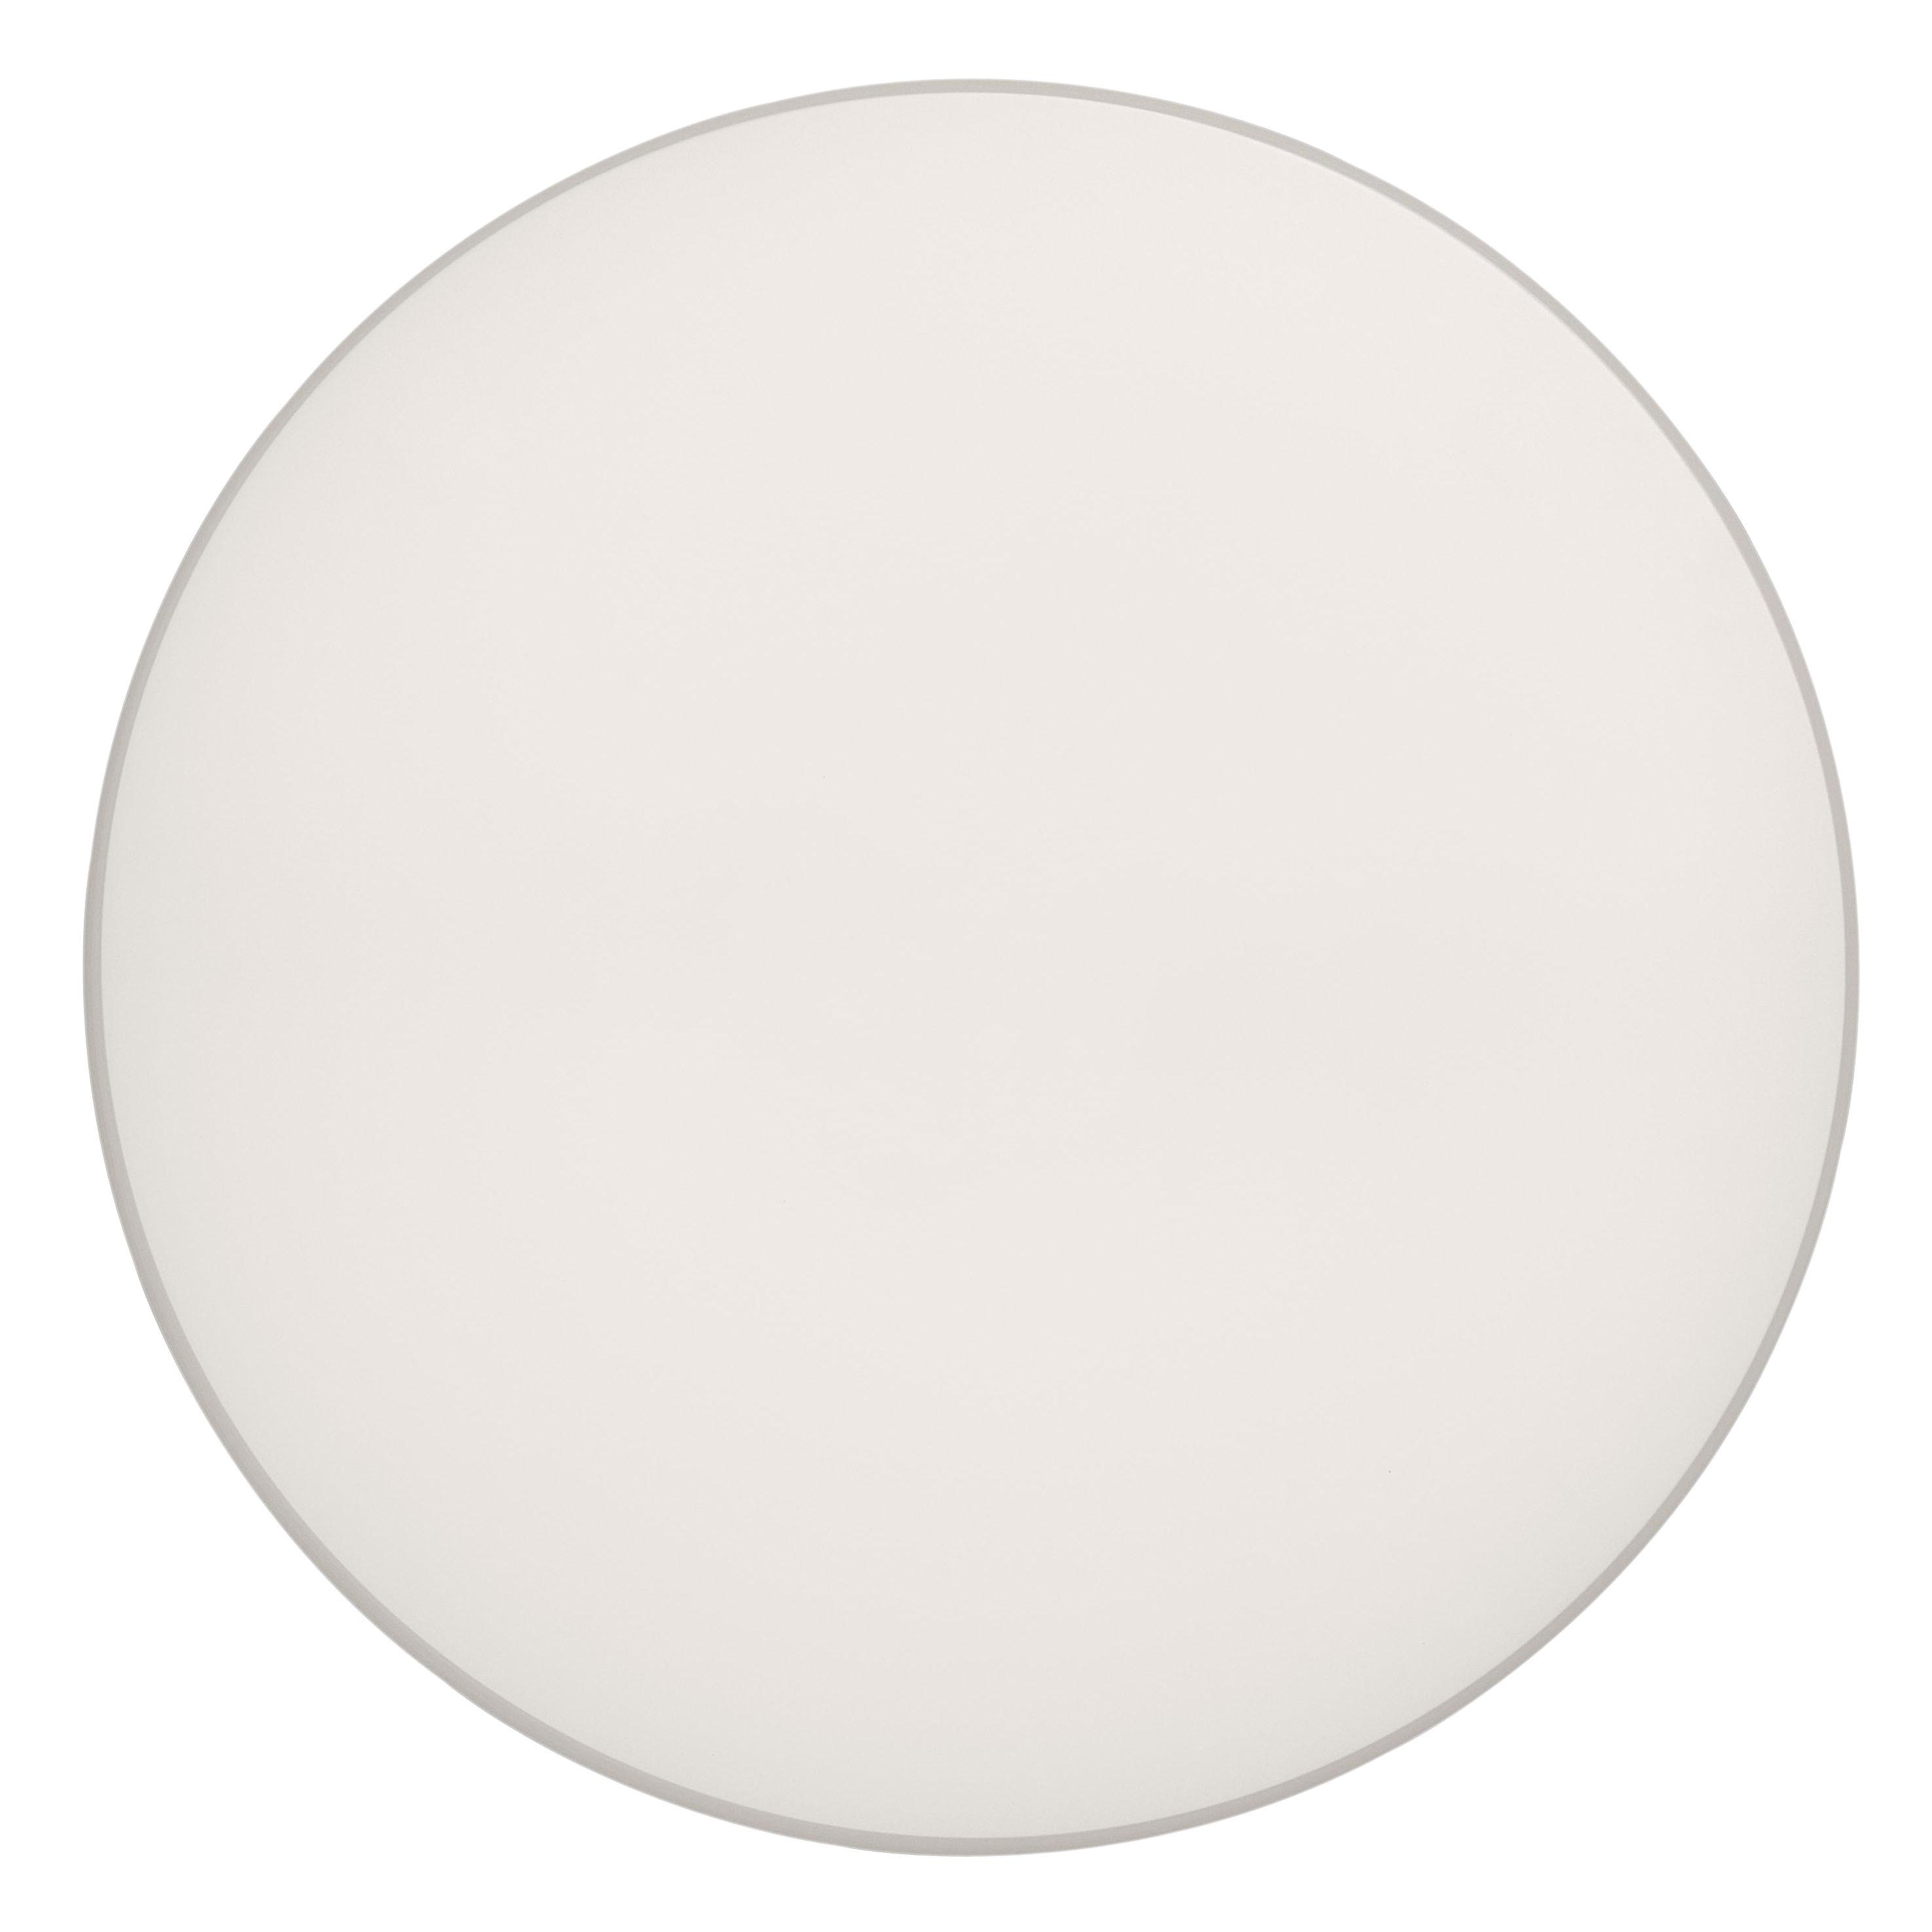 Luminaire - Appliques - Applique Clara LED / Plafonnier - Ø 60 cm - Flos - Disque blanc - Polycarbonate